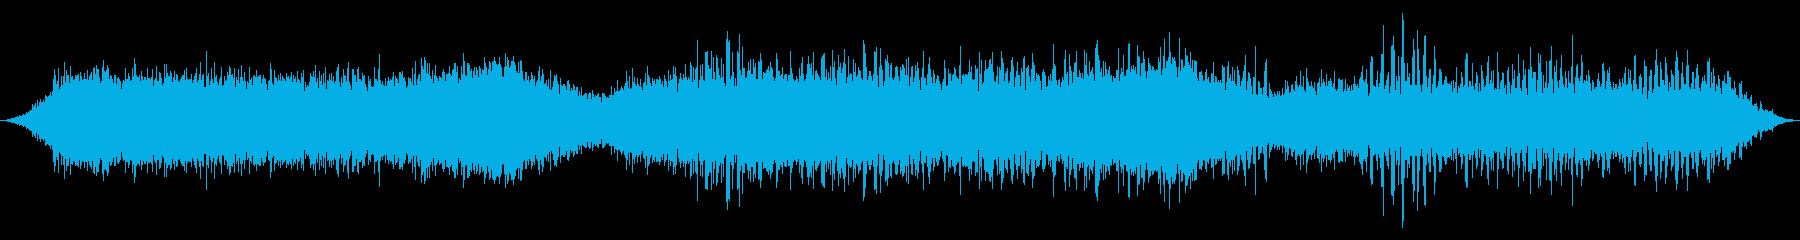 スペースドローン:メタルウィンドストームの再生済みの波形